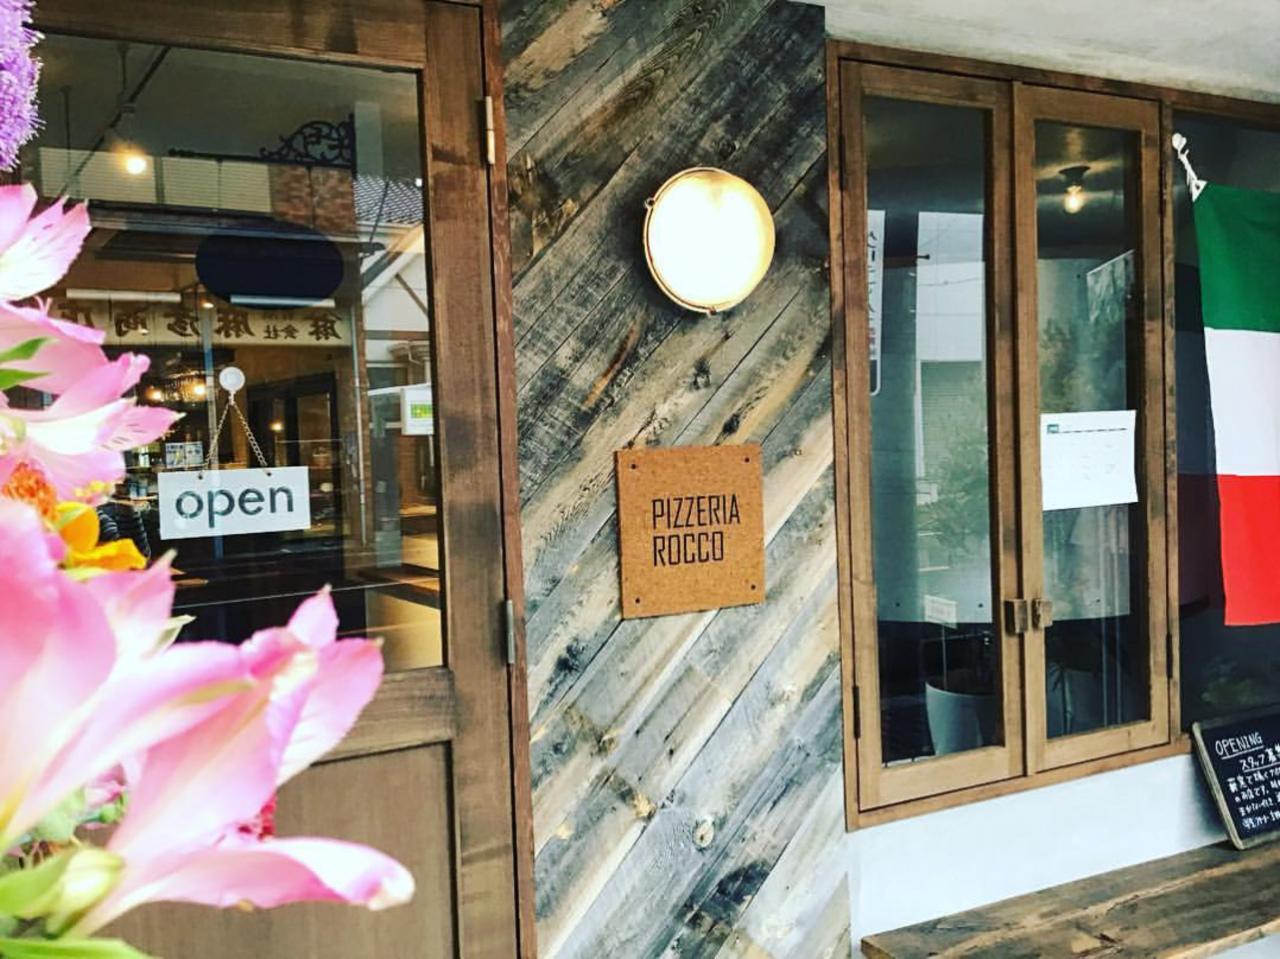 薪窯で焼くナポリピッツァのお店...埼玉県川越市連雀町の「ピッツェリアロッコ」